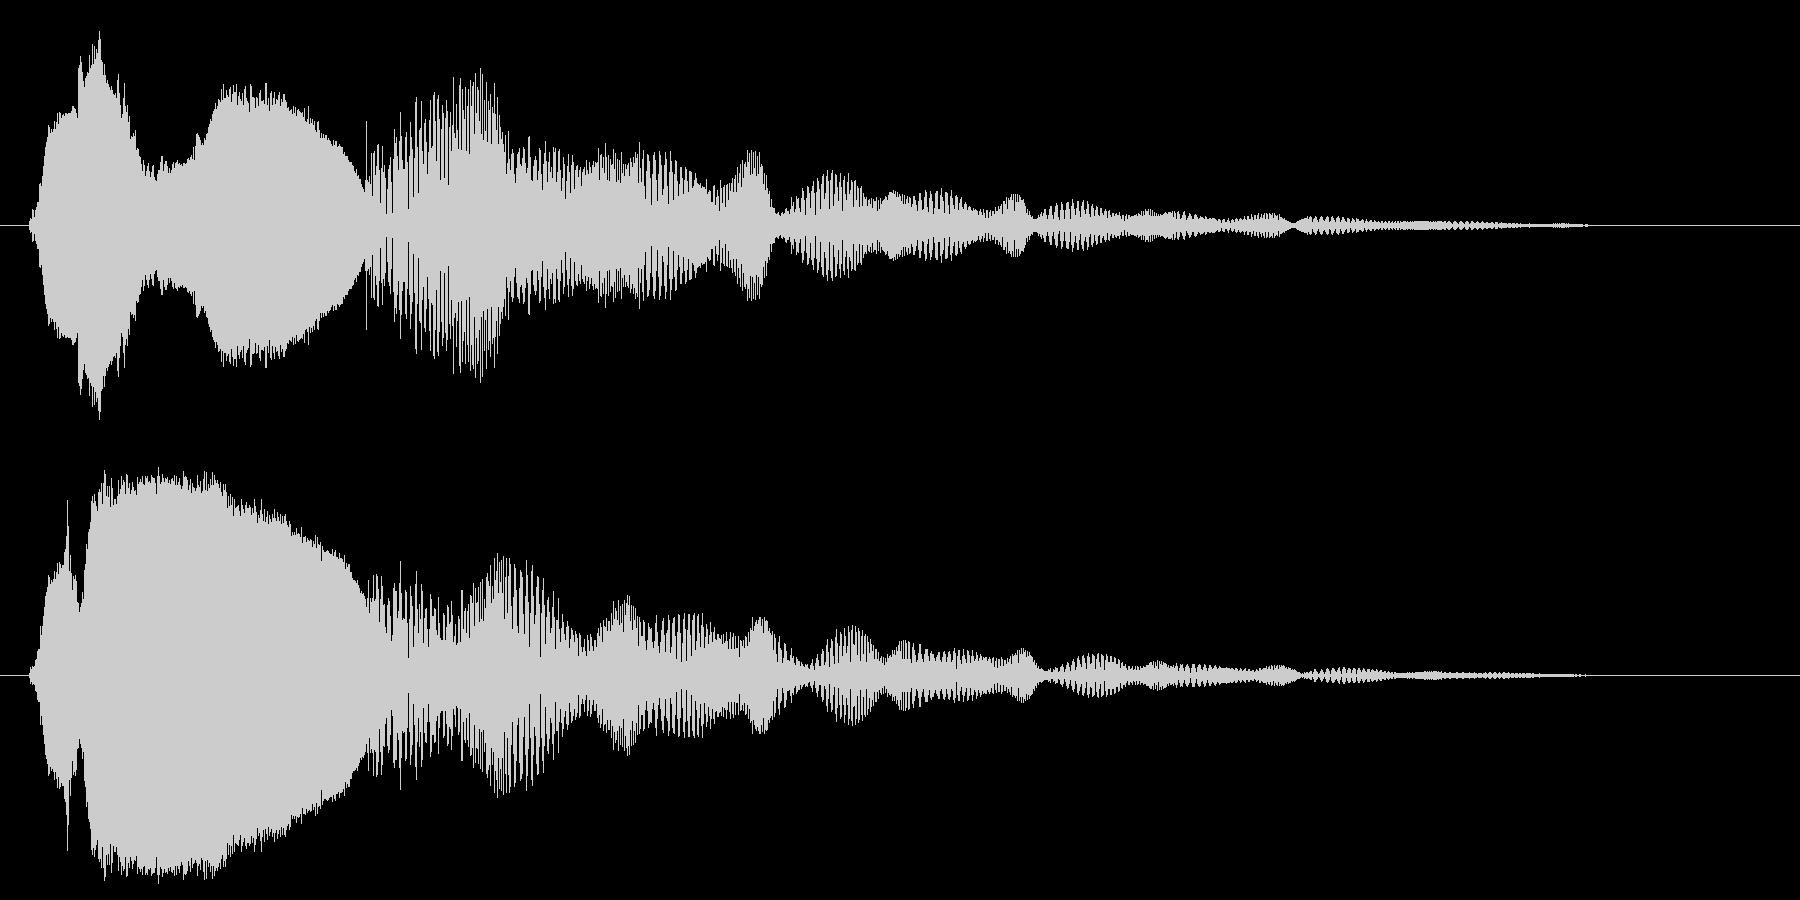 ピリョ〜ン(かわいい電波音)の未再生の波形